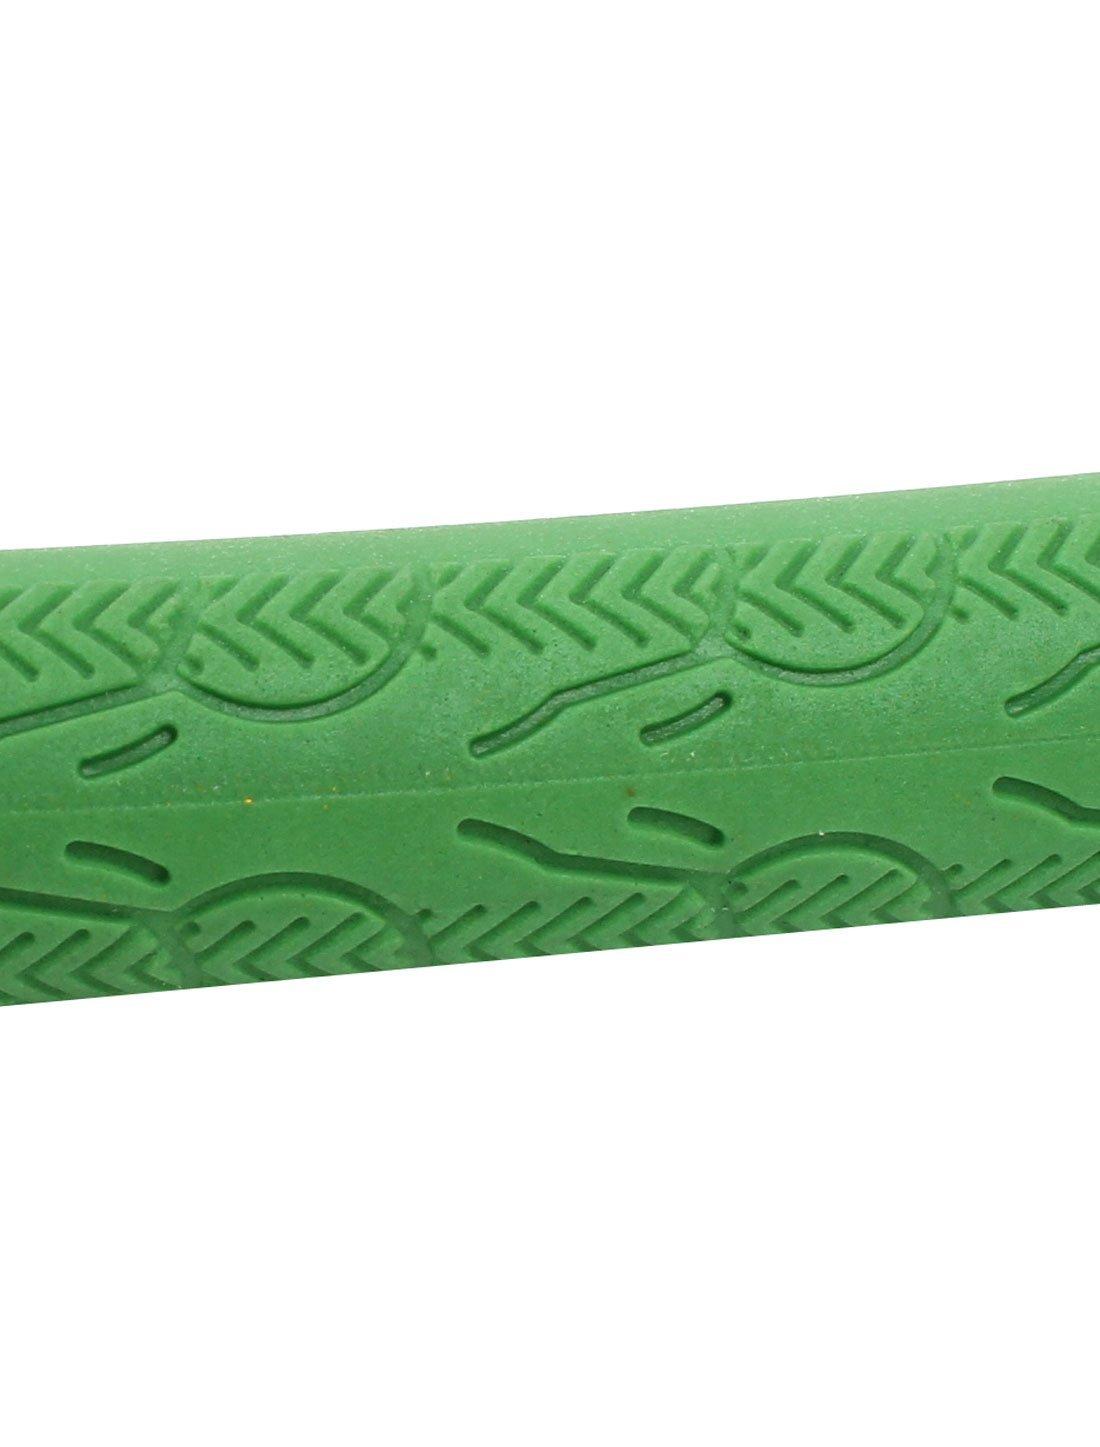 Amazon.com : Plegable fija del engranaje Vía Vía de ciclo de la bici de neumático Neumáticos 700C x 23 Verde : Sports & Outdoors